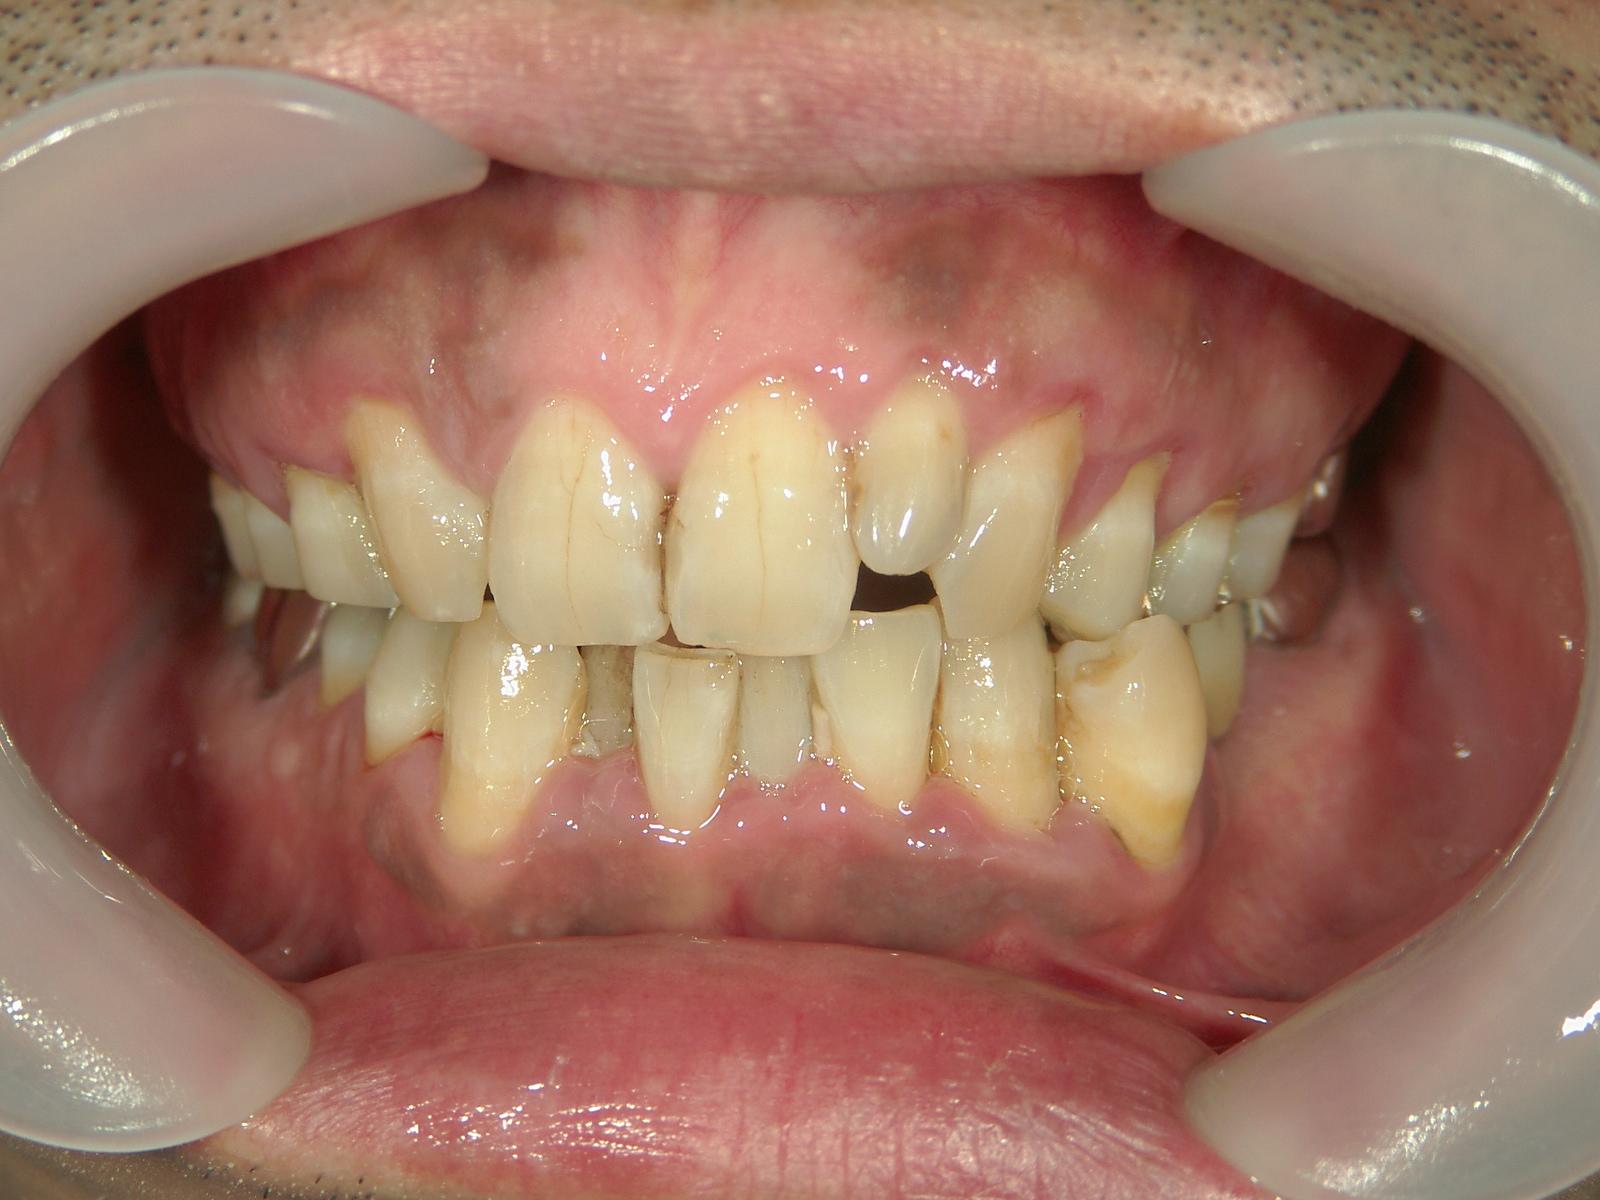 抜歯欠損症例(9)右上前歯1本、左上前歯1本、右下 第二小臼歯1本 抜歯。